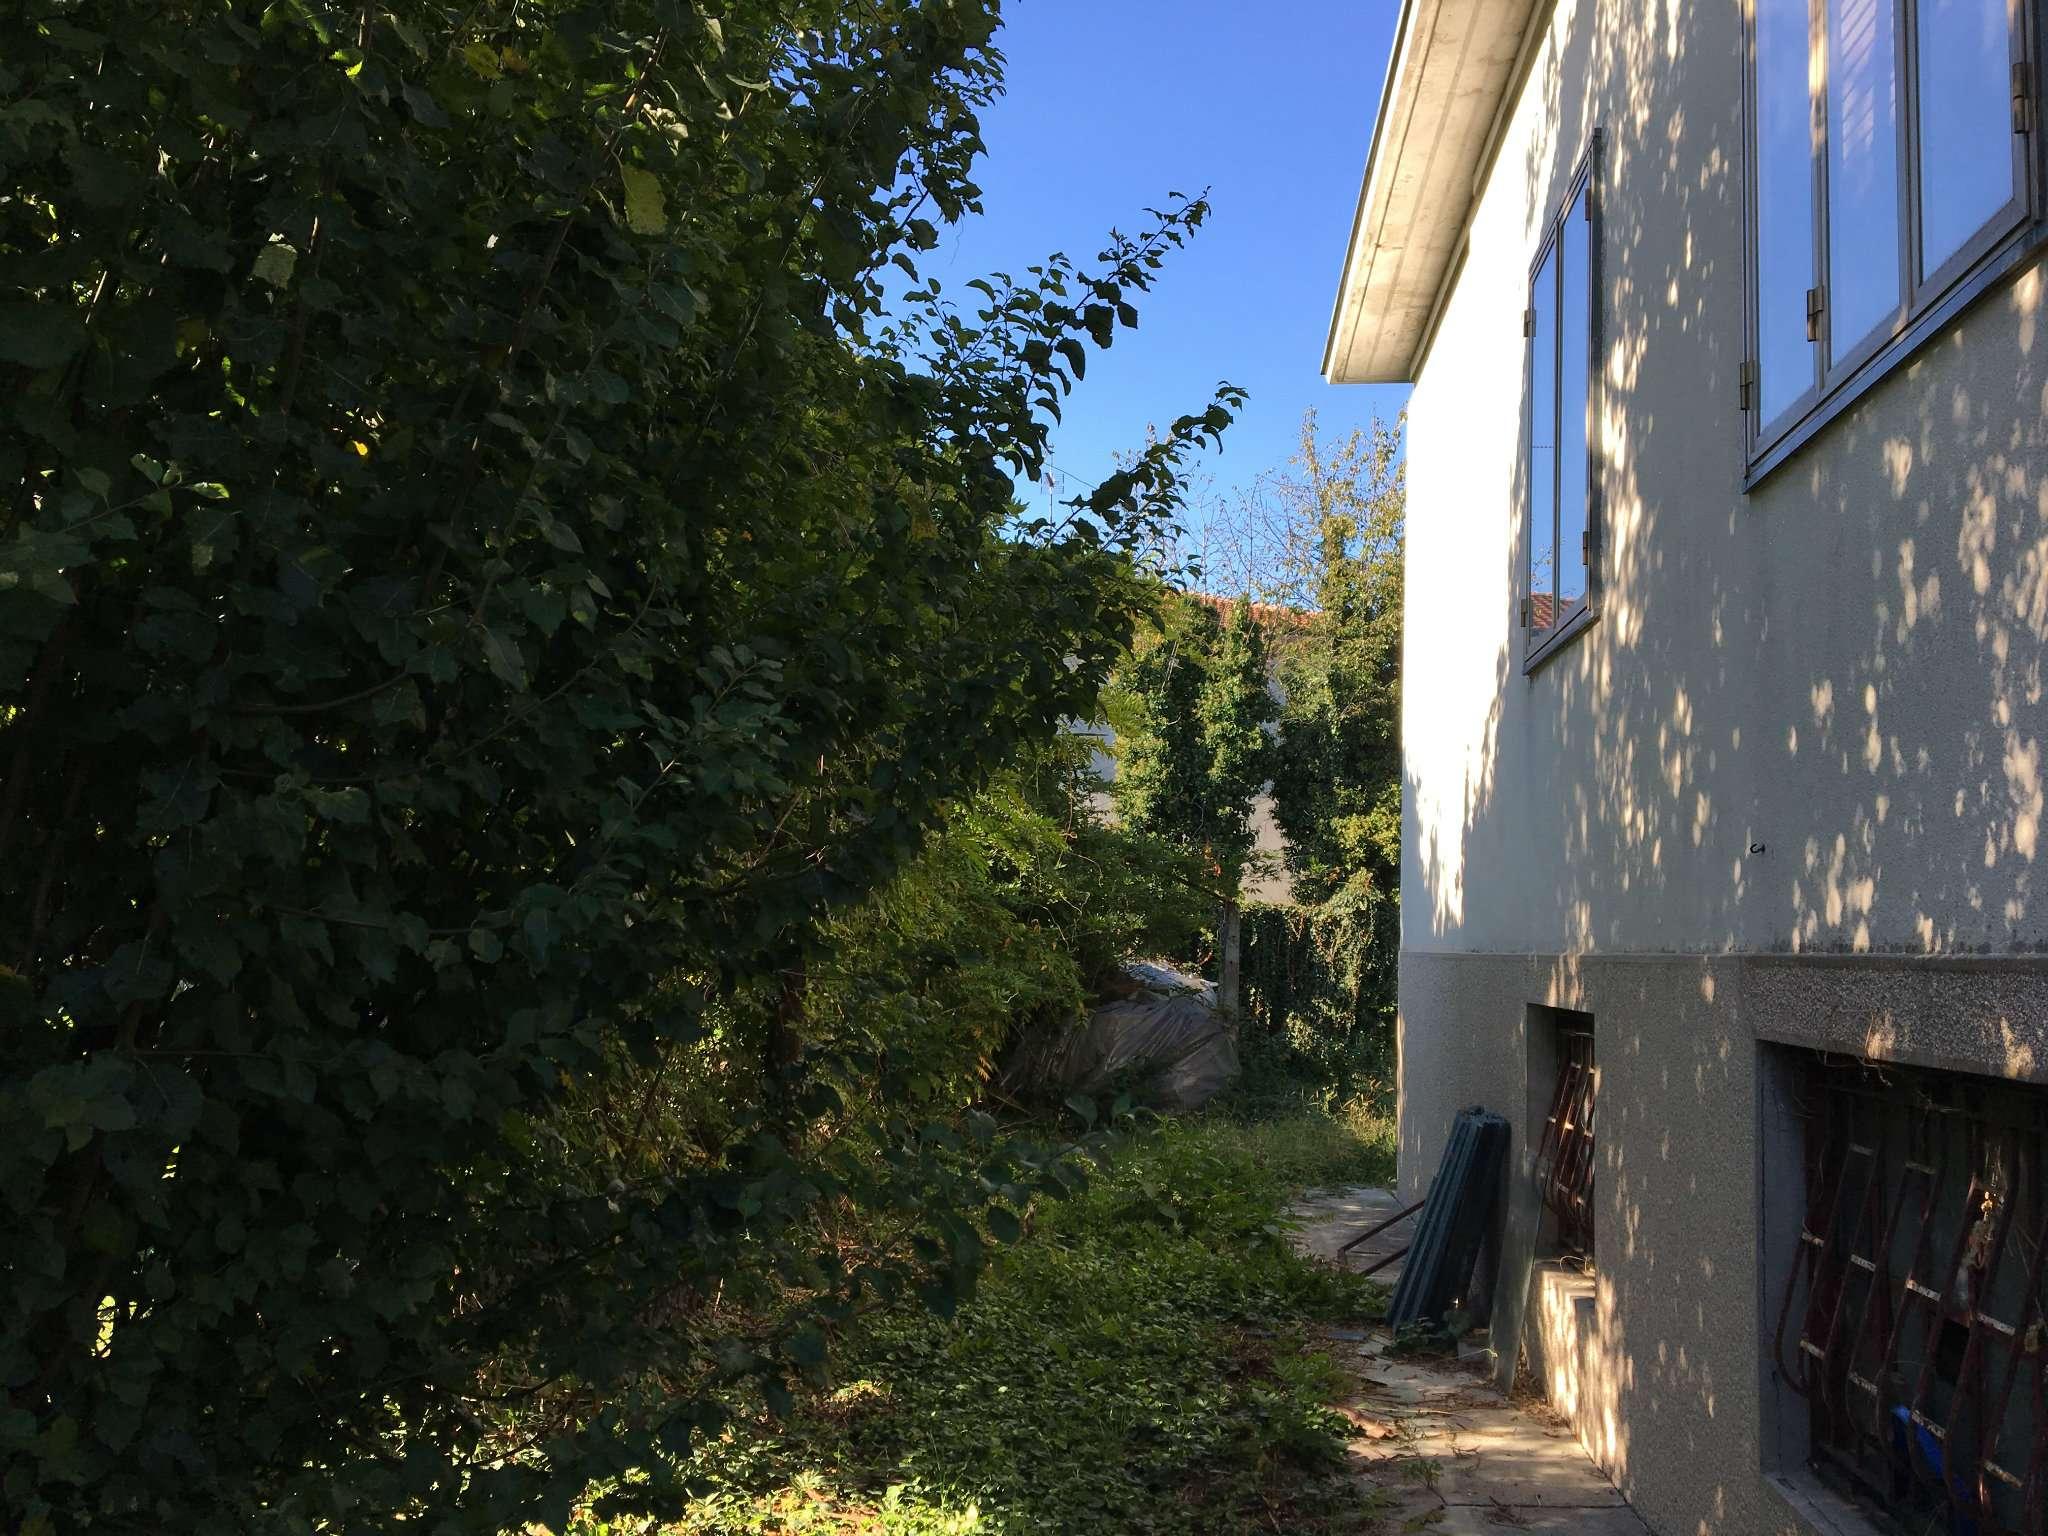 Soluzione Indipendente in vendita a Gorla Minore, 4 locali, prezzo € 248.000 | CambioCasa.it